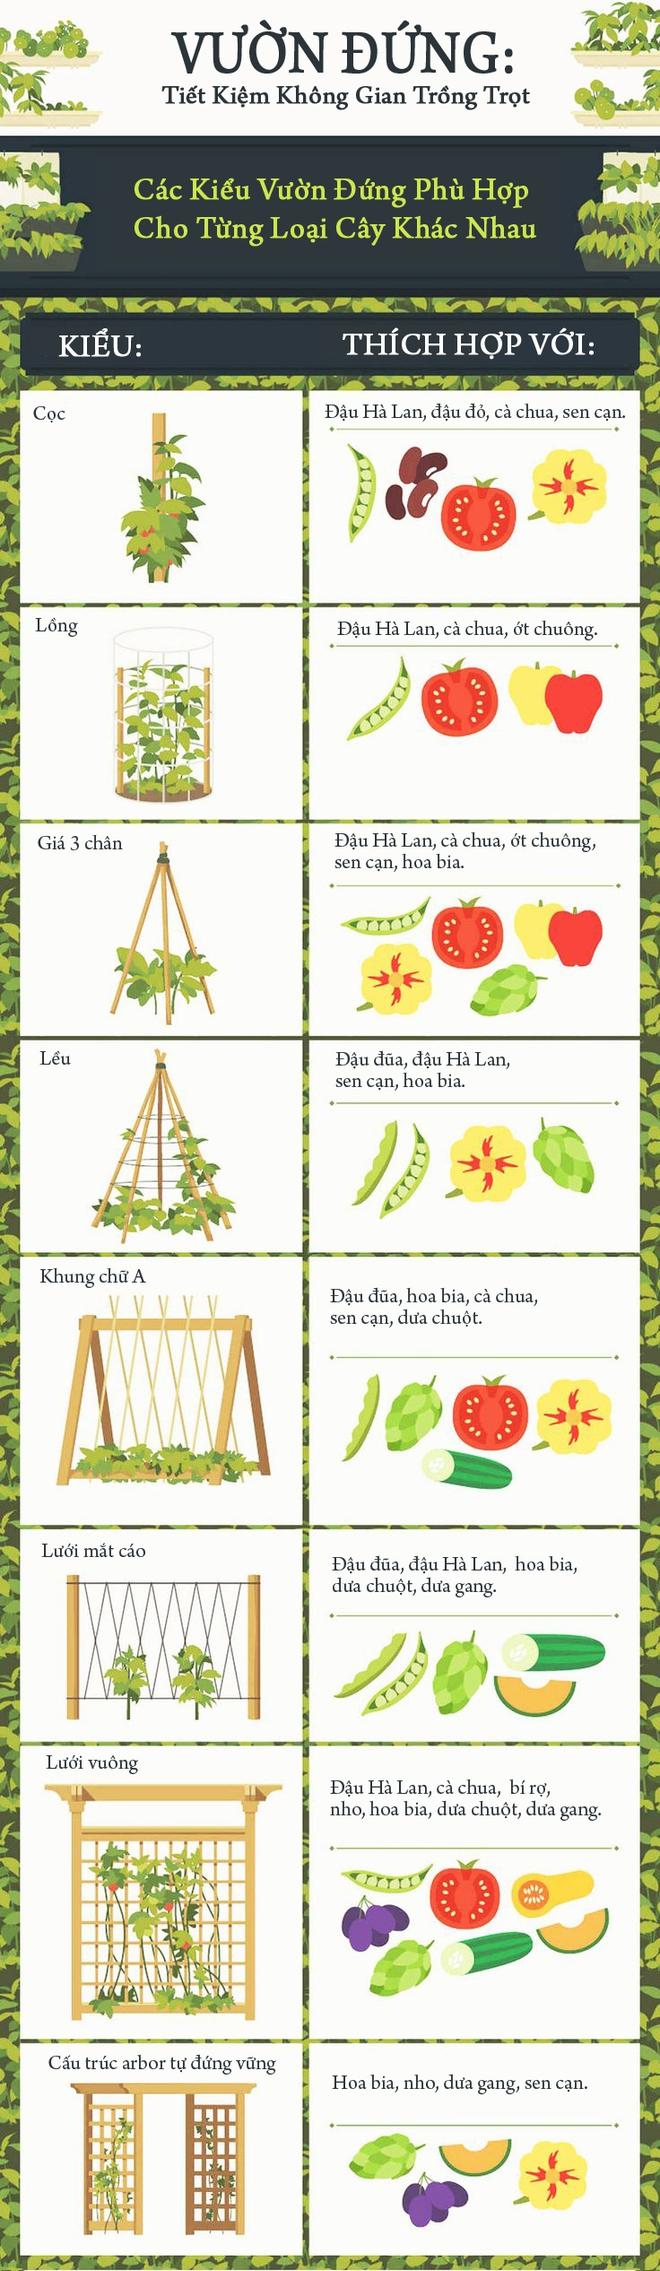 Vườn đứng: Giải pháp hoàn hảo trong không gian nhỏ - Ảnh 1.